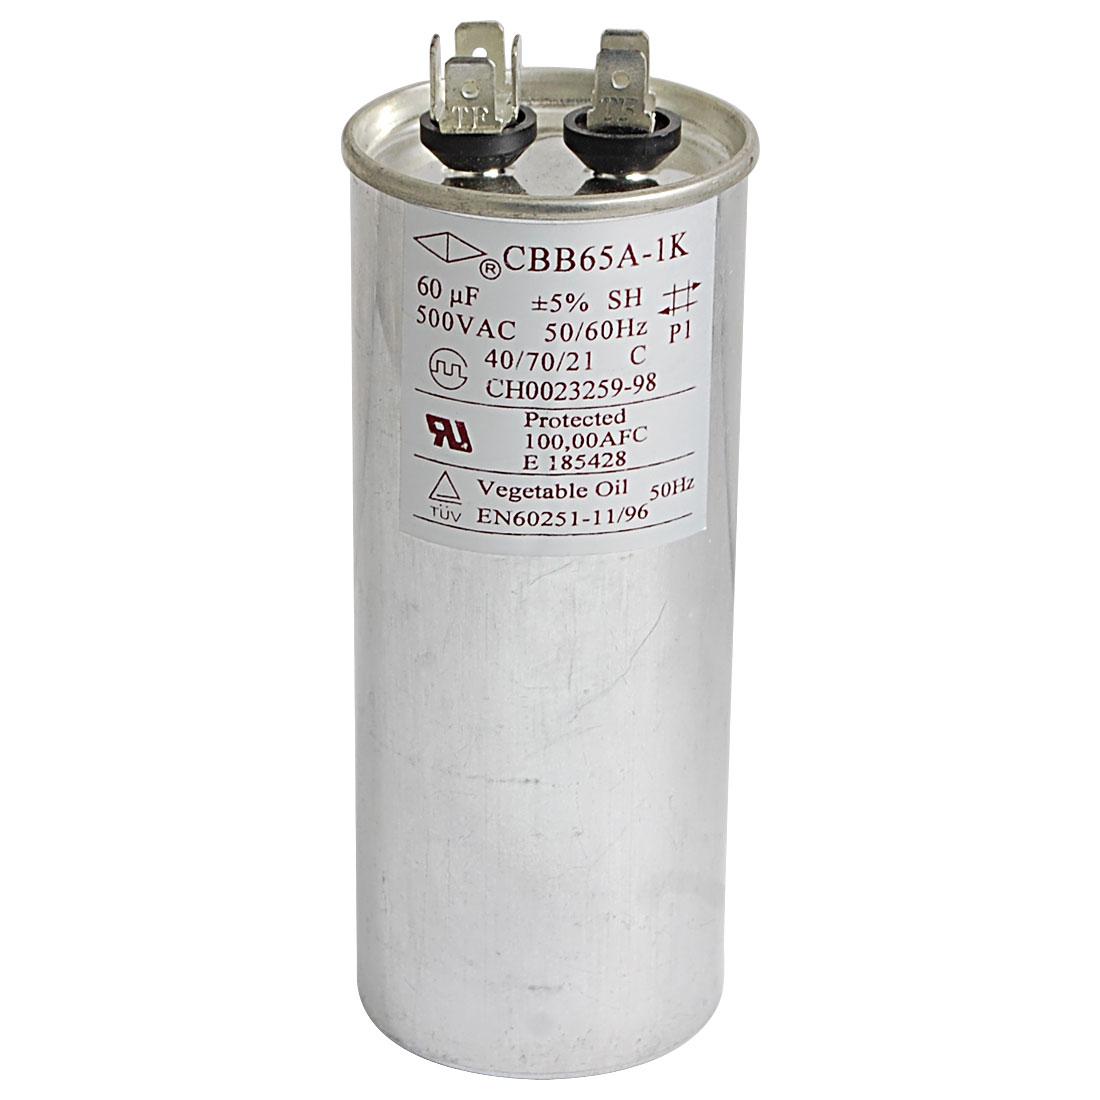 AC 500V 50/60Hz Cylinder Motor Capacitor 60uF